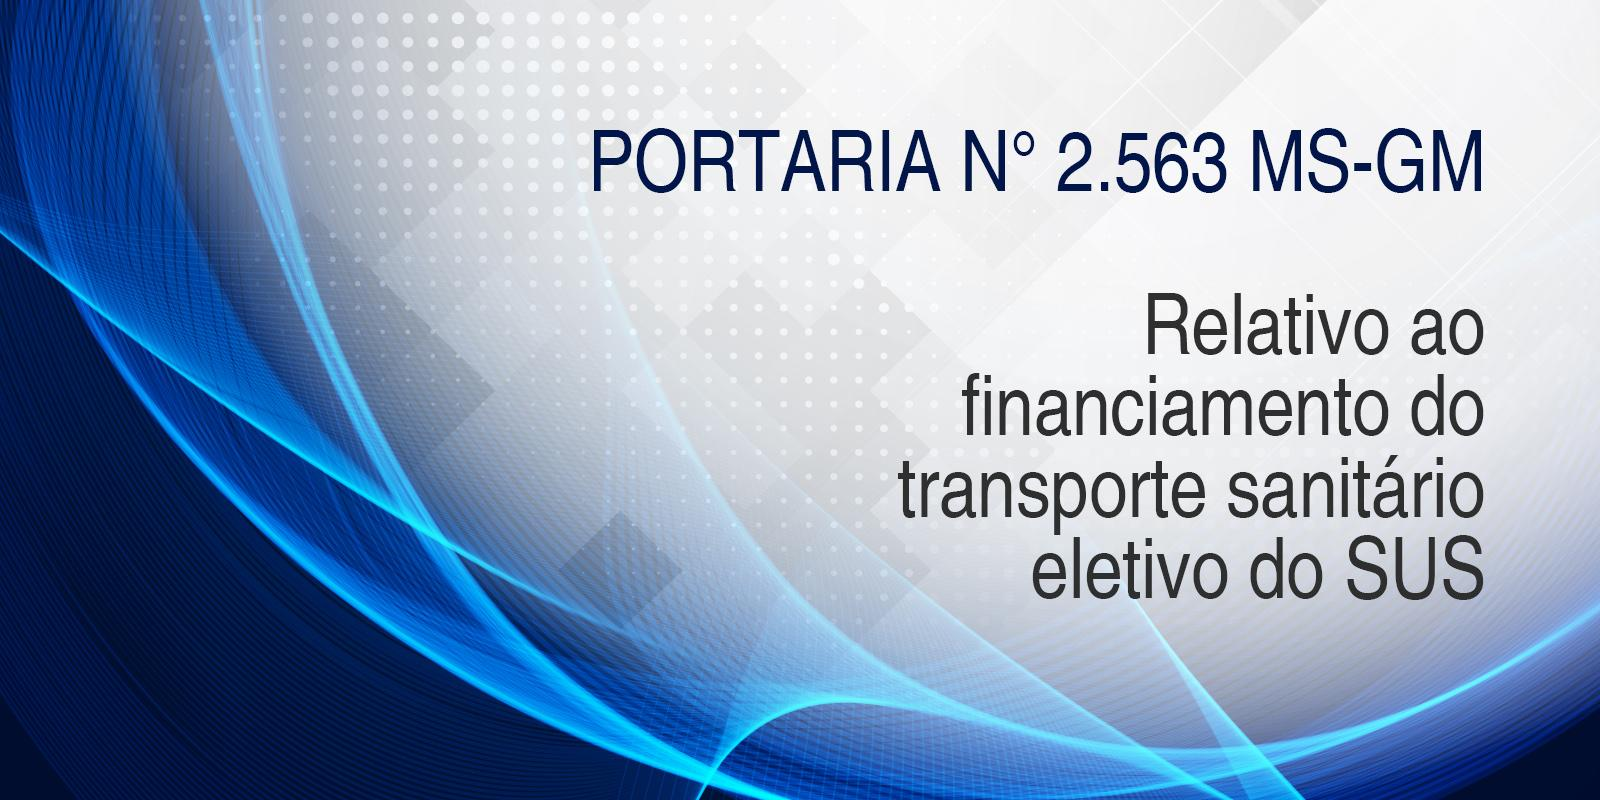 Brasil SUS divulga portaria sobre o financiamento de transporte sanitário eletivo do SUS